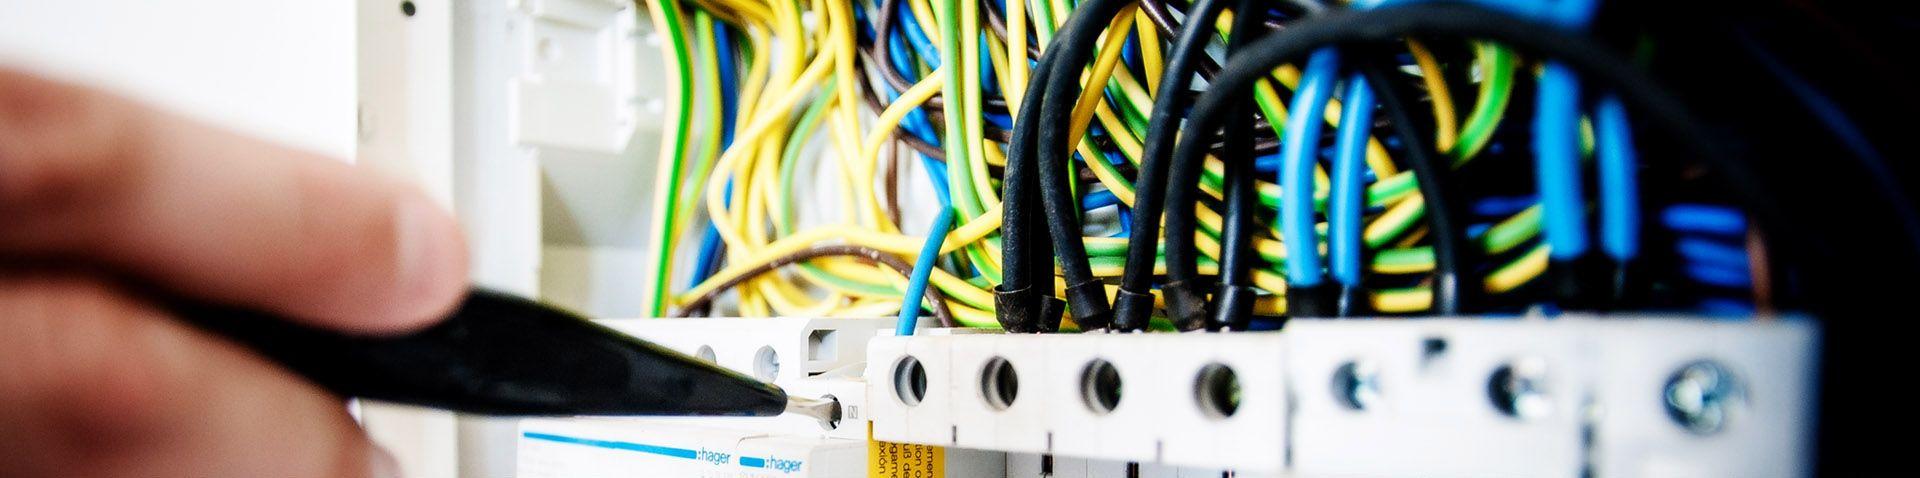 CONNECT ELECTRIC INGENIERÍA: oficina técnica con servicio de calidad